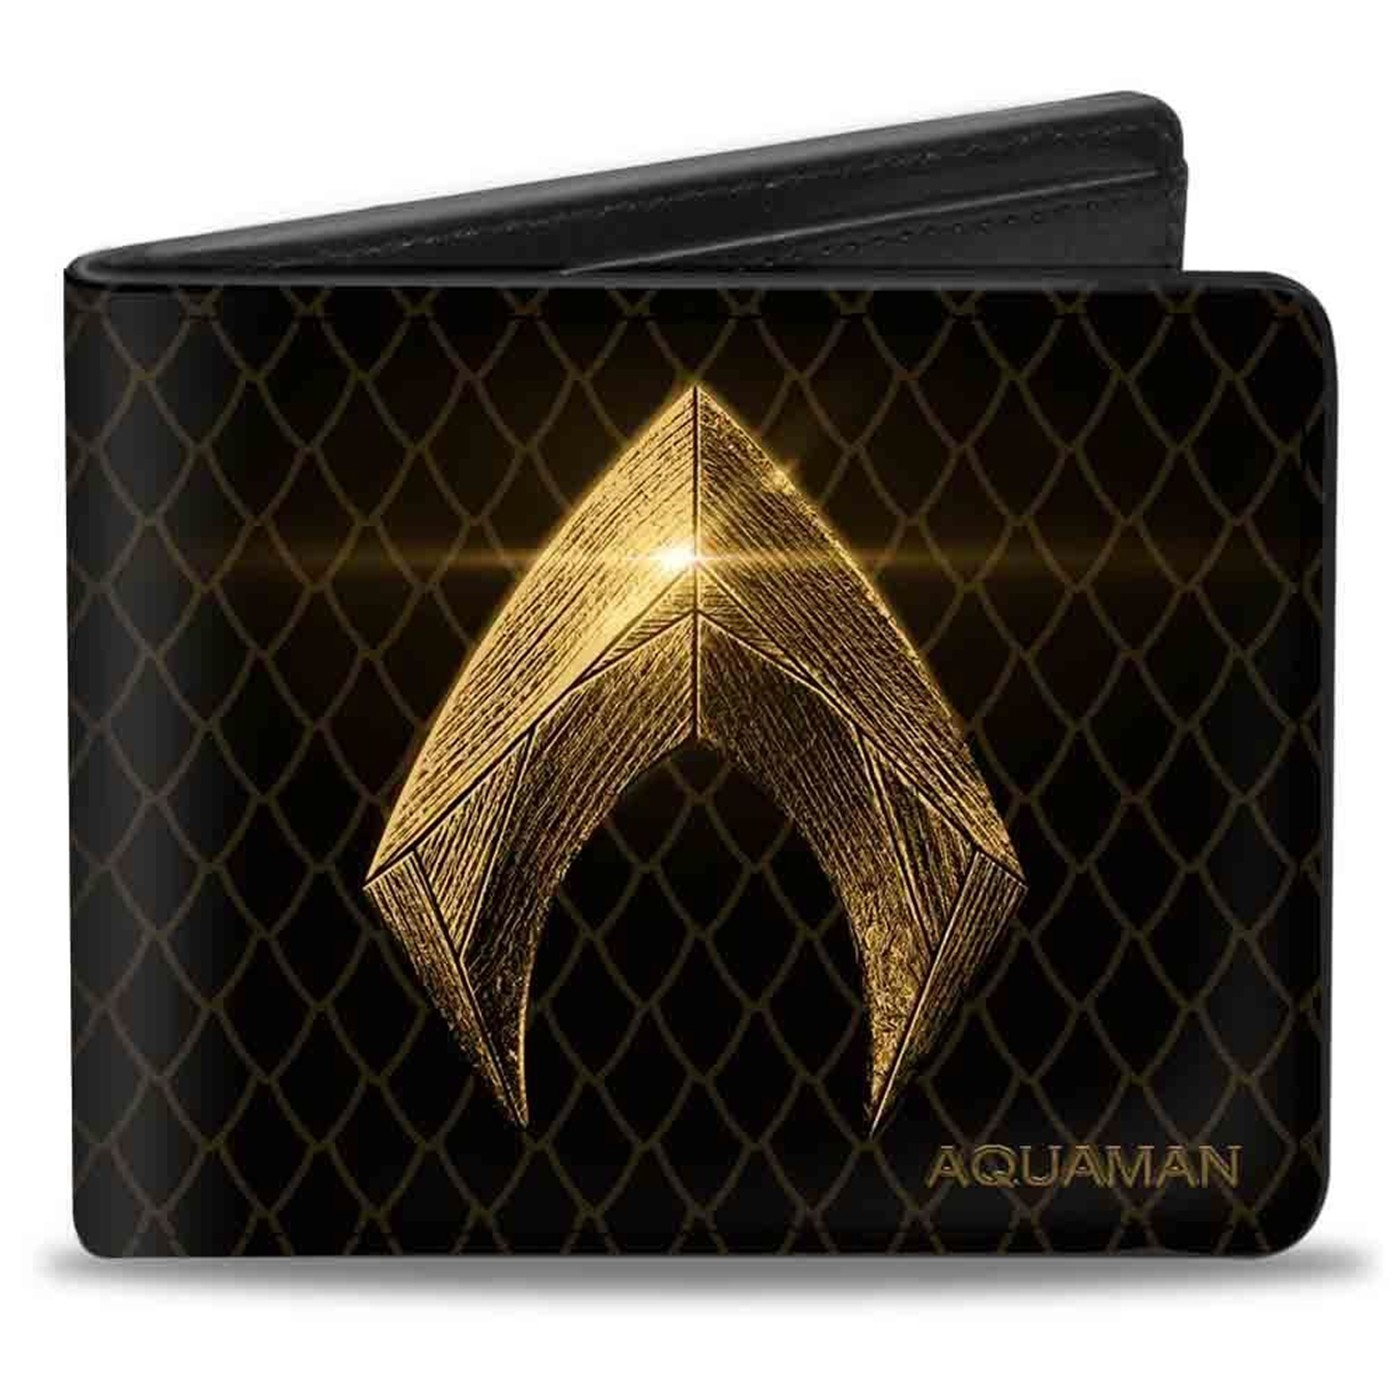 Aquaman Symbol & Scales Bi-fold Wallet